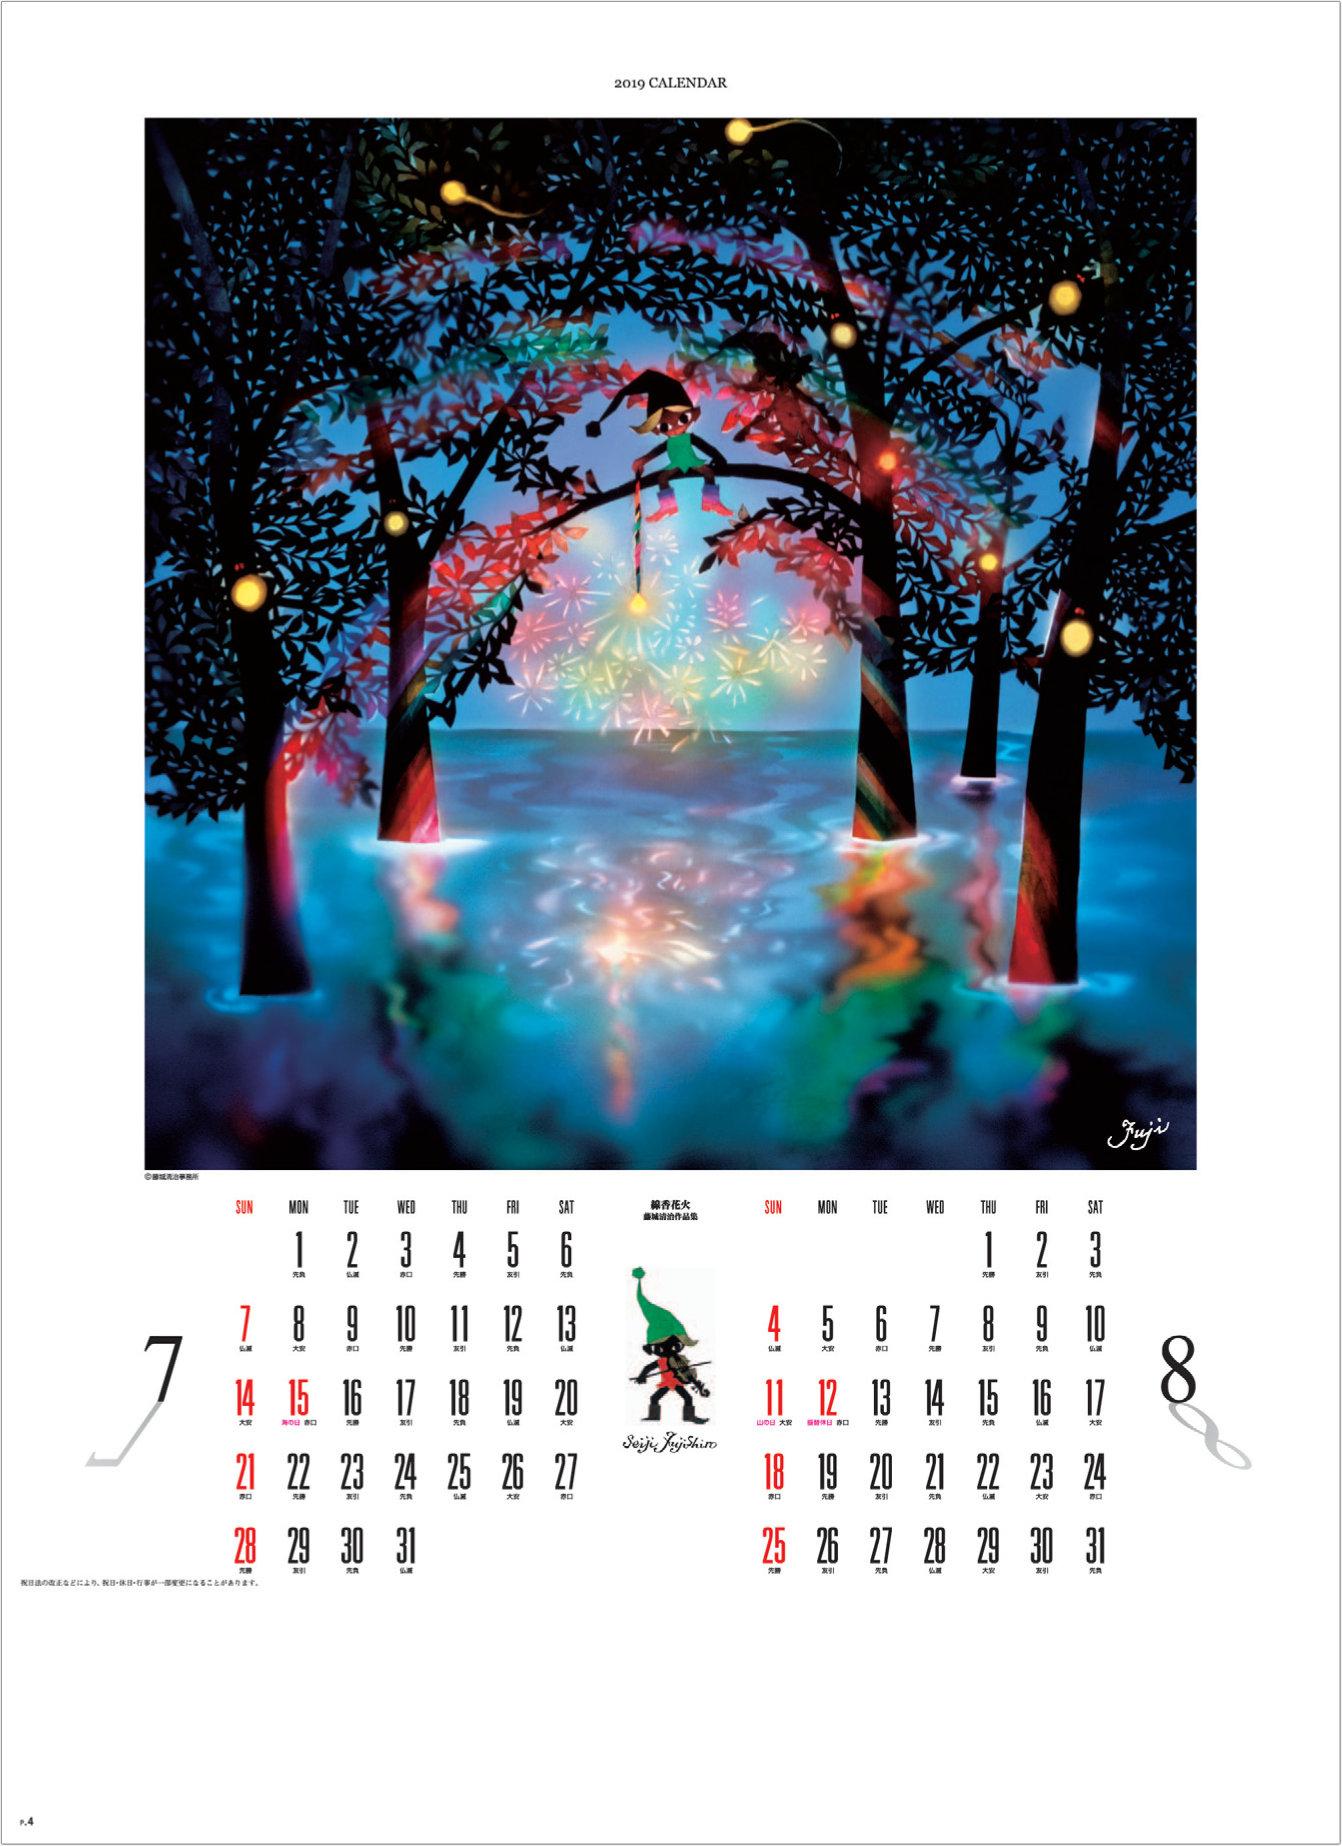 画像:藤城清治作品「線香花火」 遠い日の風景から(影絵)  藤城清治 2019年カレンダー